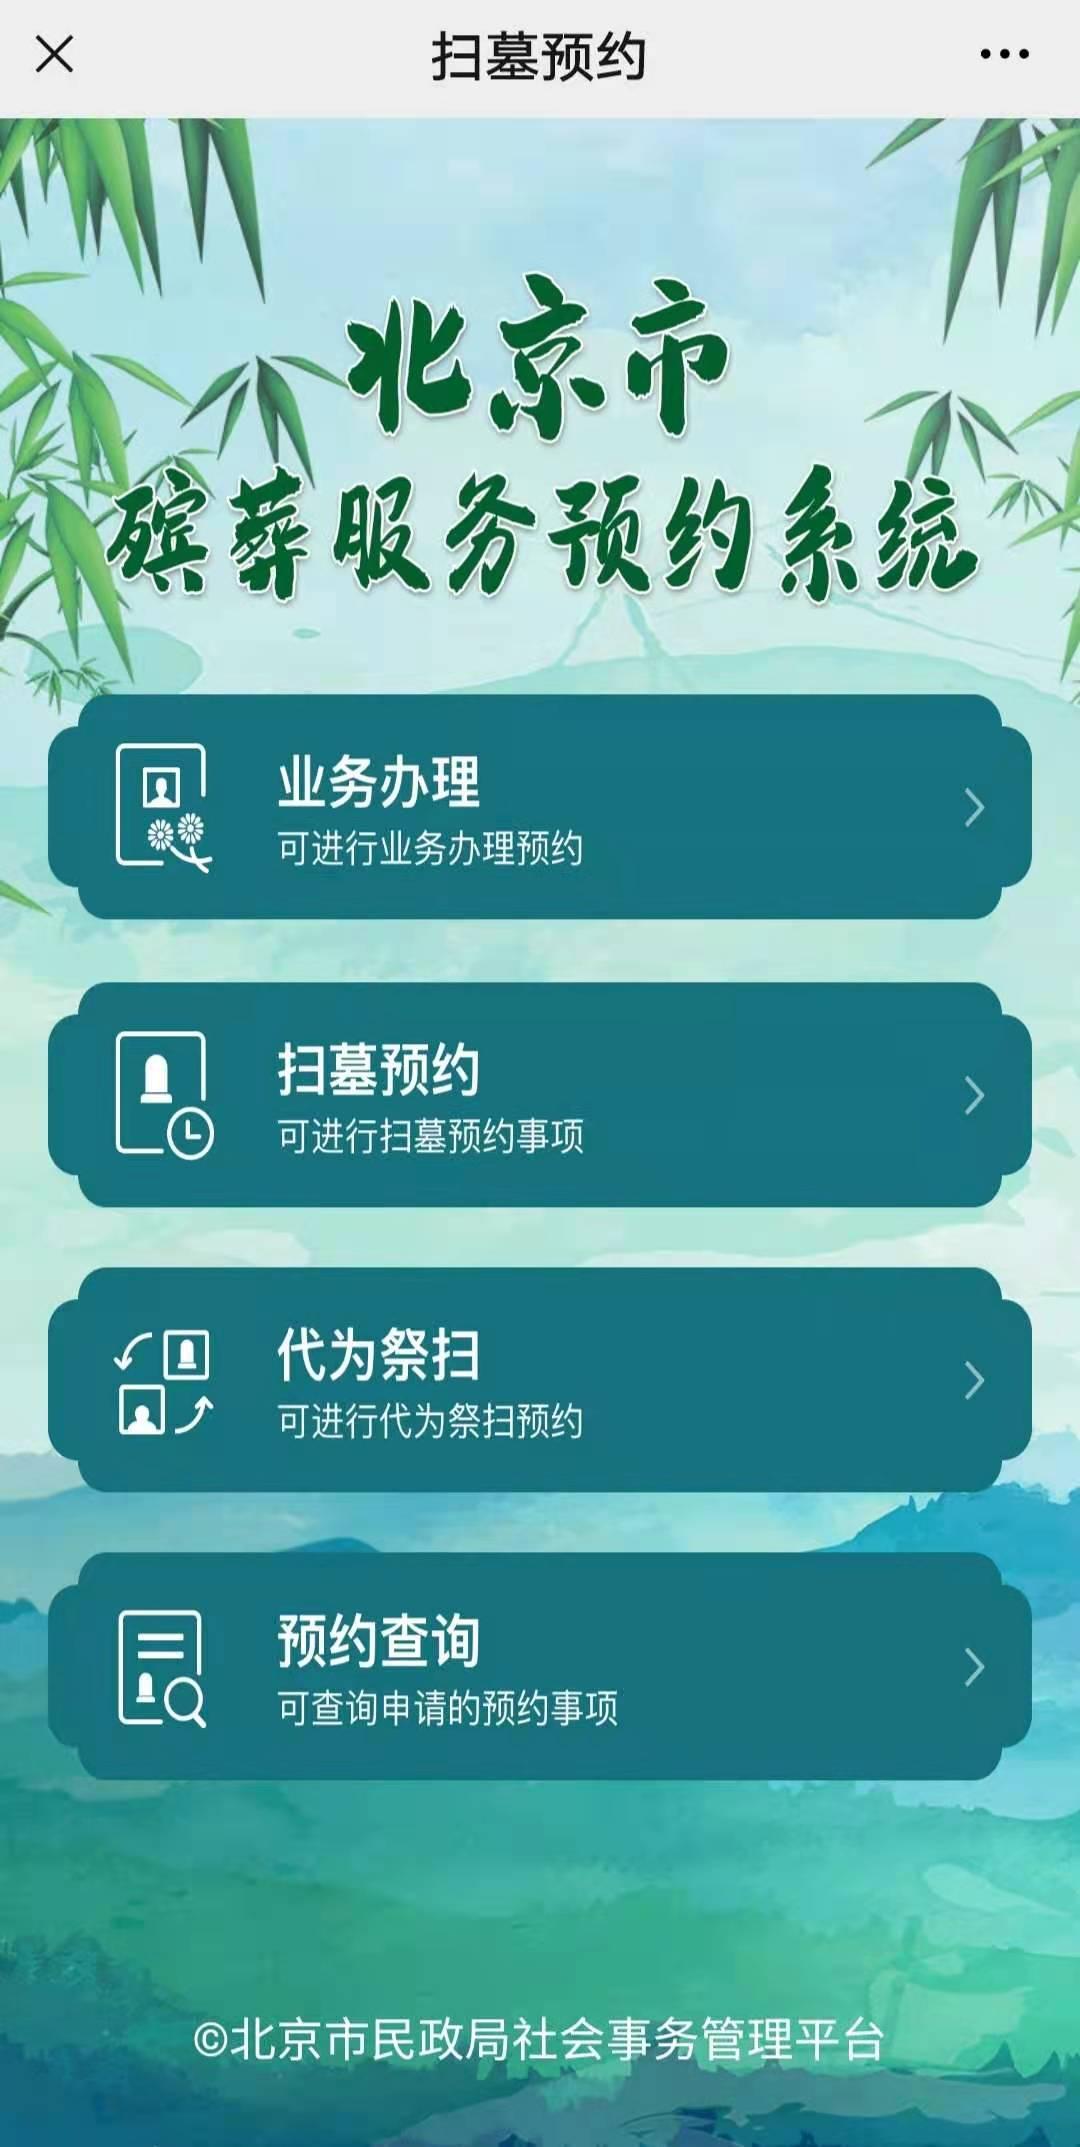 截图来源:北京市民政局微信公众号